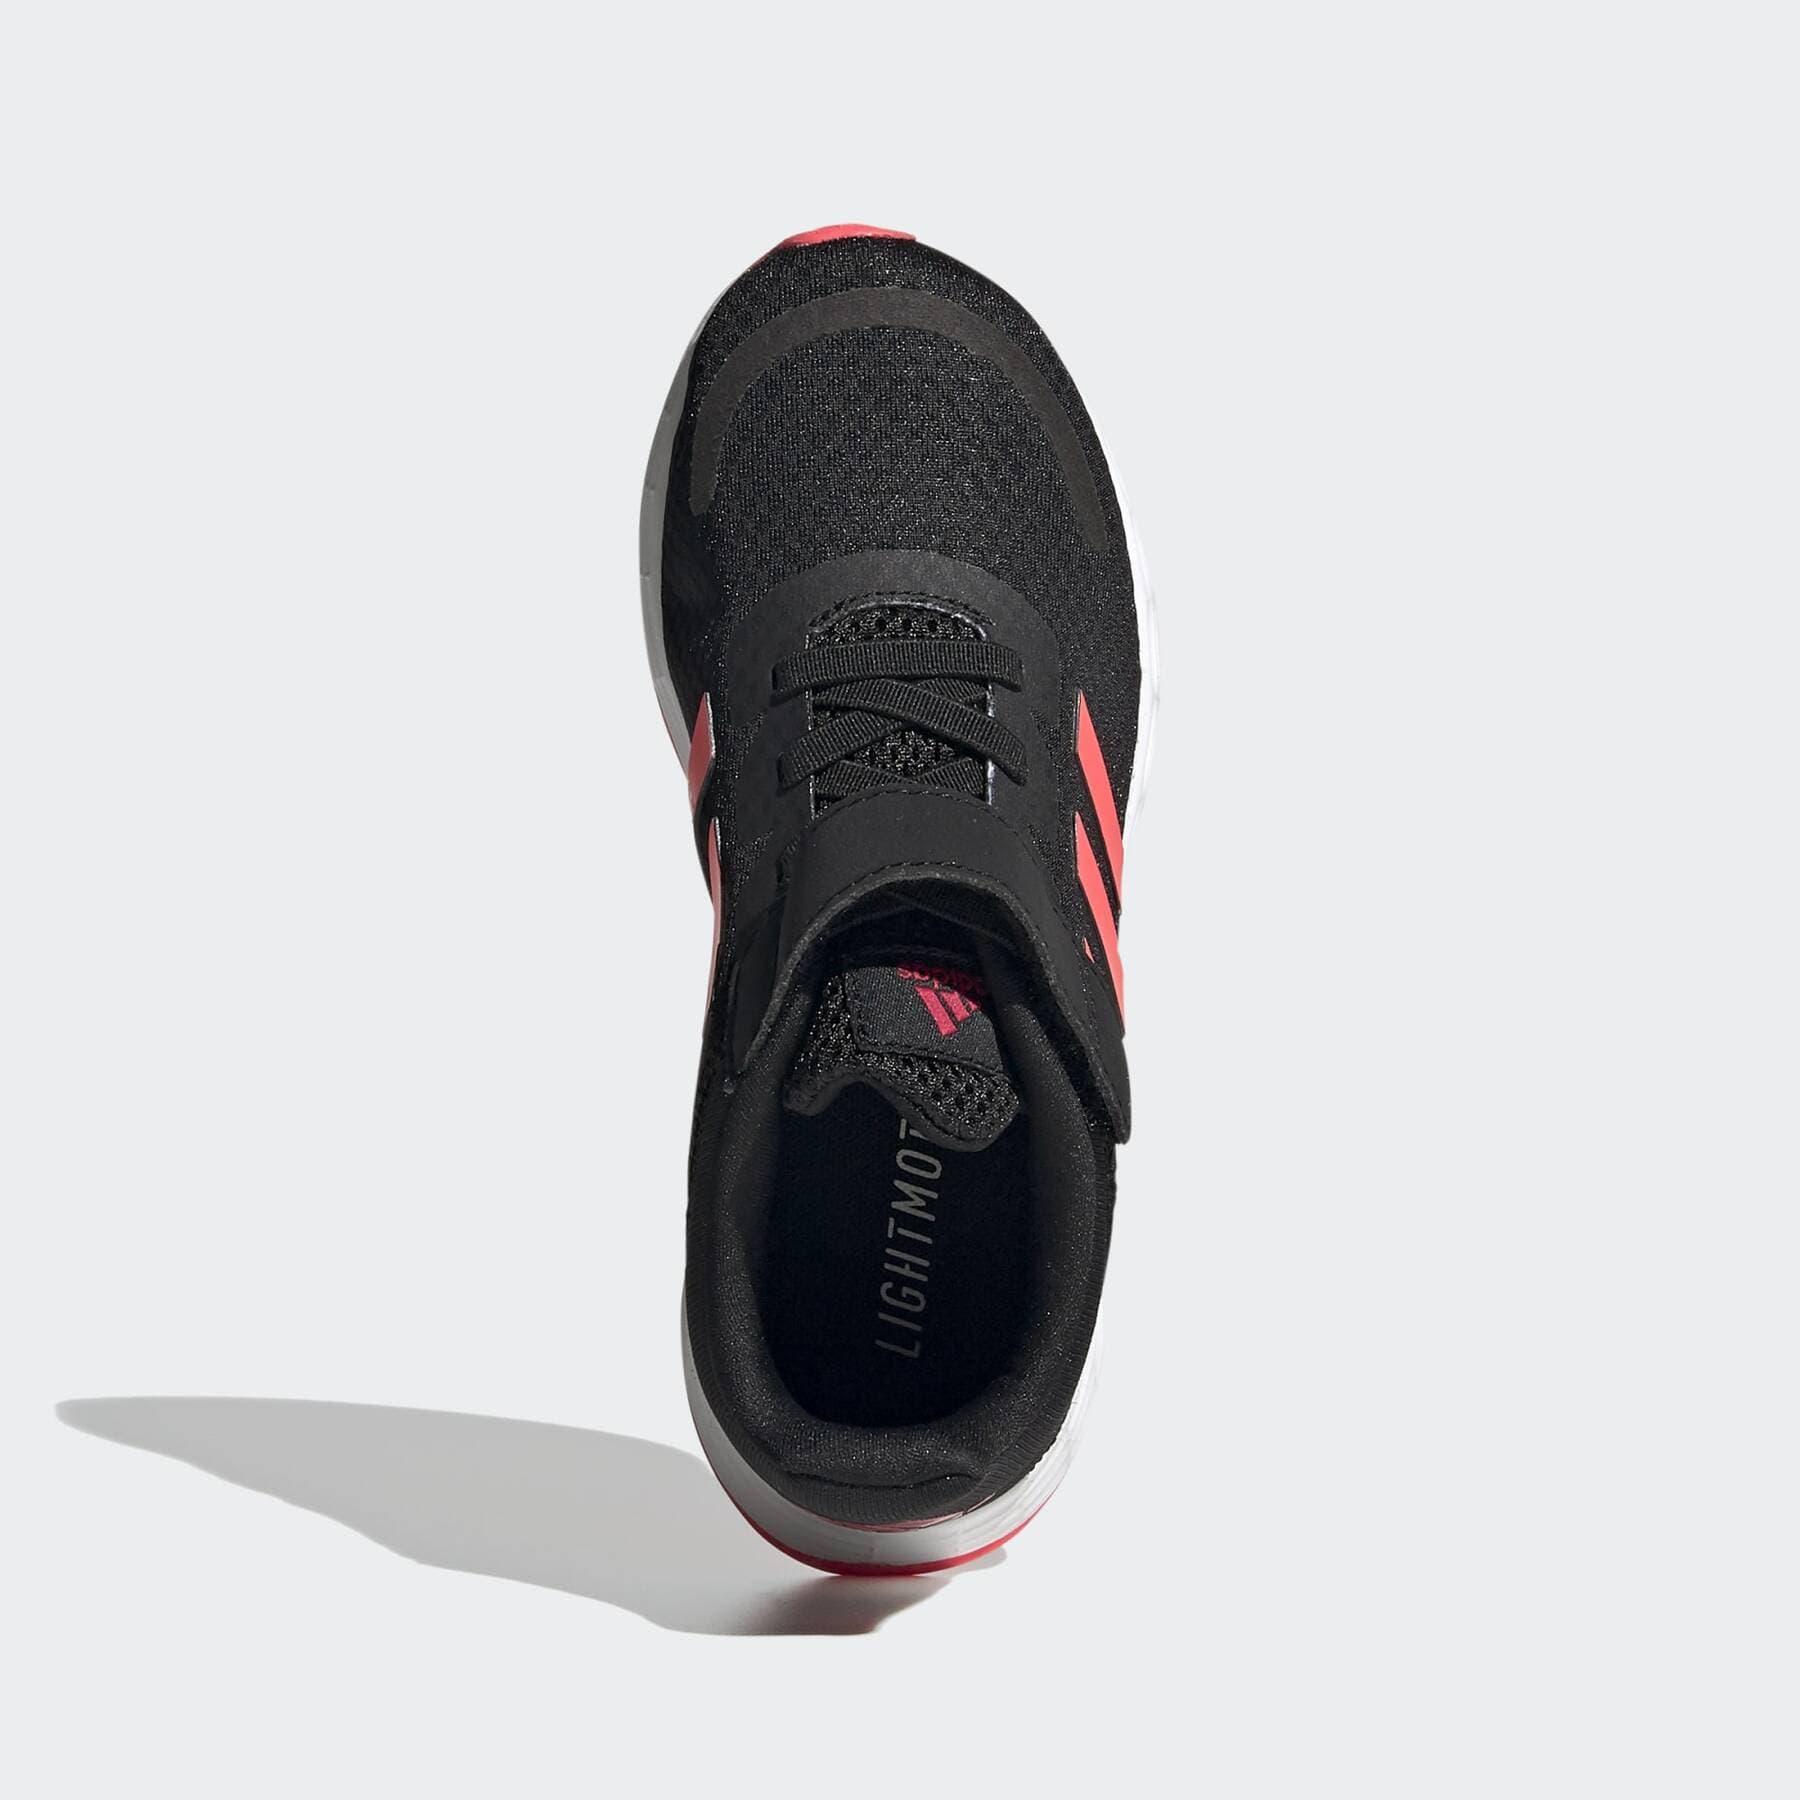 Duramo SL Çocuk Siyah Koşu Ayakkabısı (FX7308)